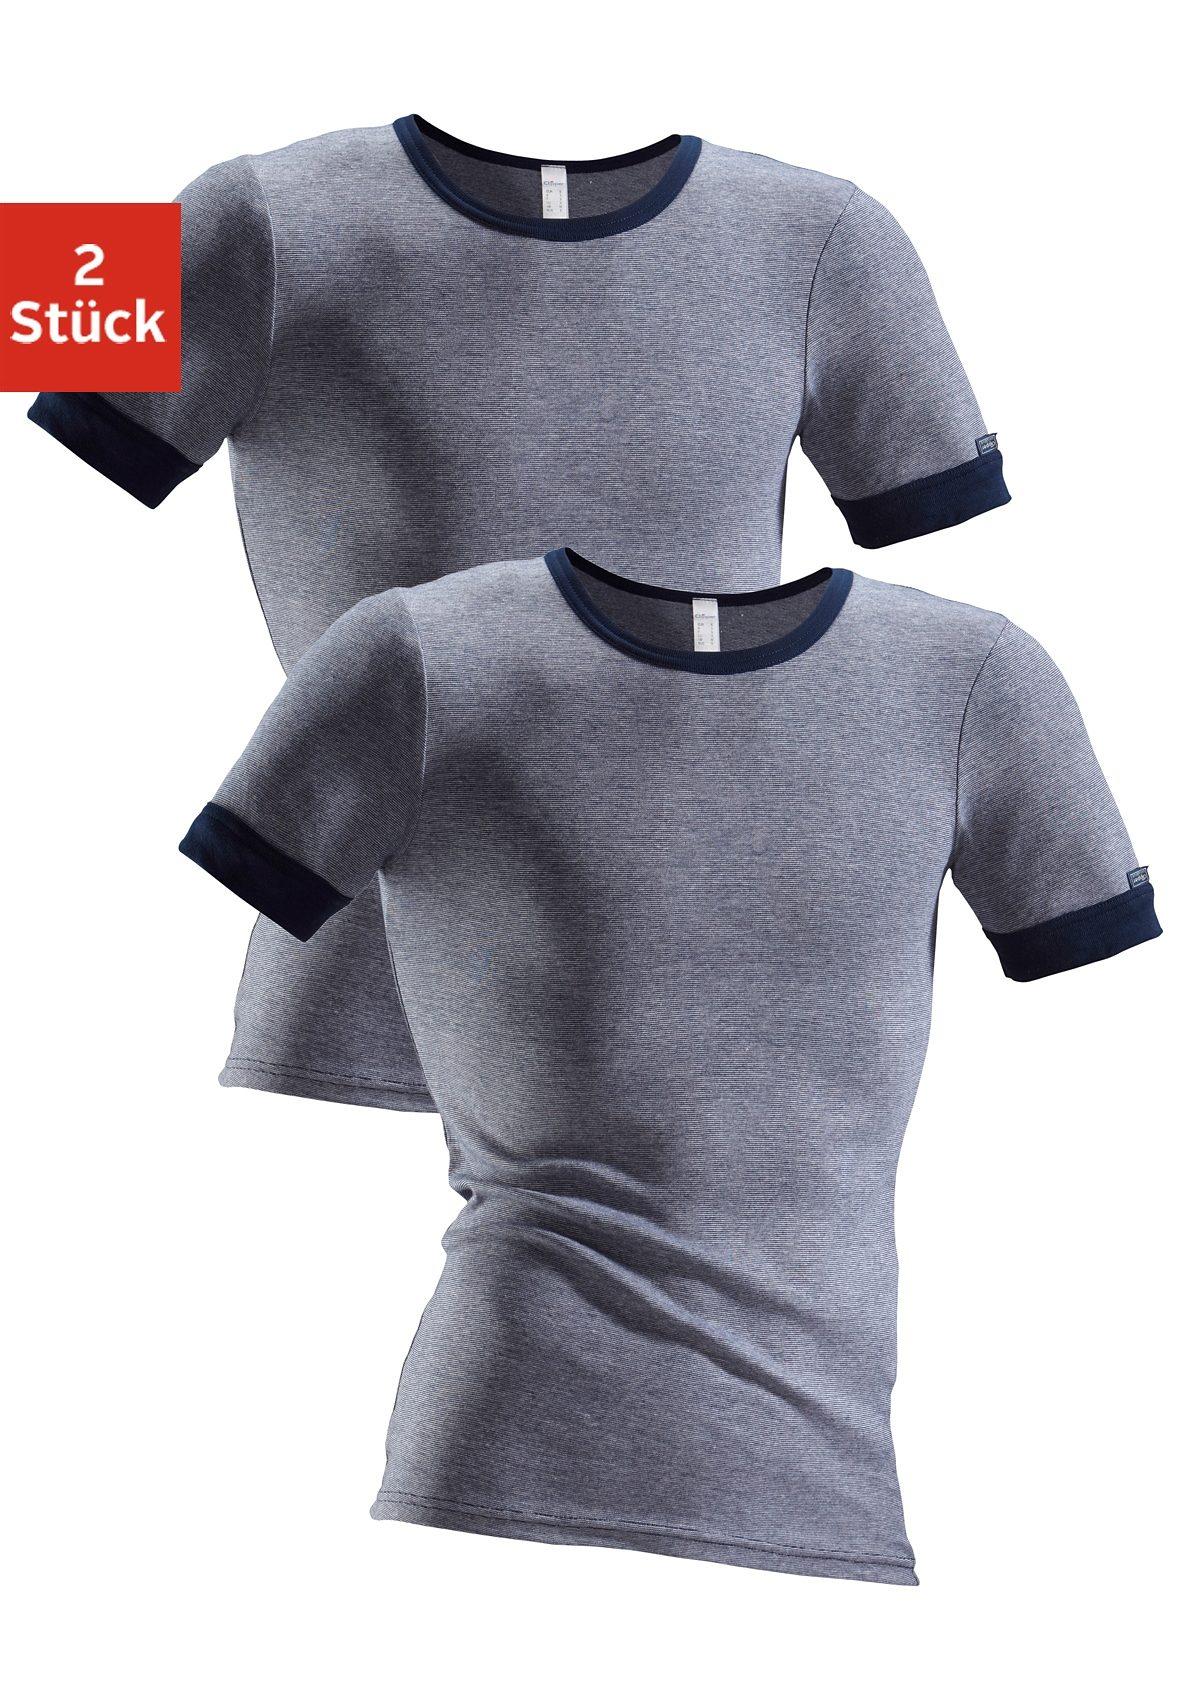 clipper exclusive -  Unterhemd (2 Stück) modische Optik: Jeans meliert tolle Baumwoll-Qualität